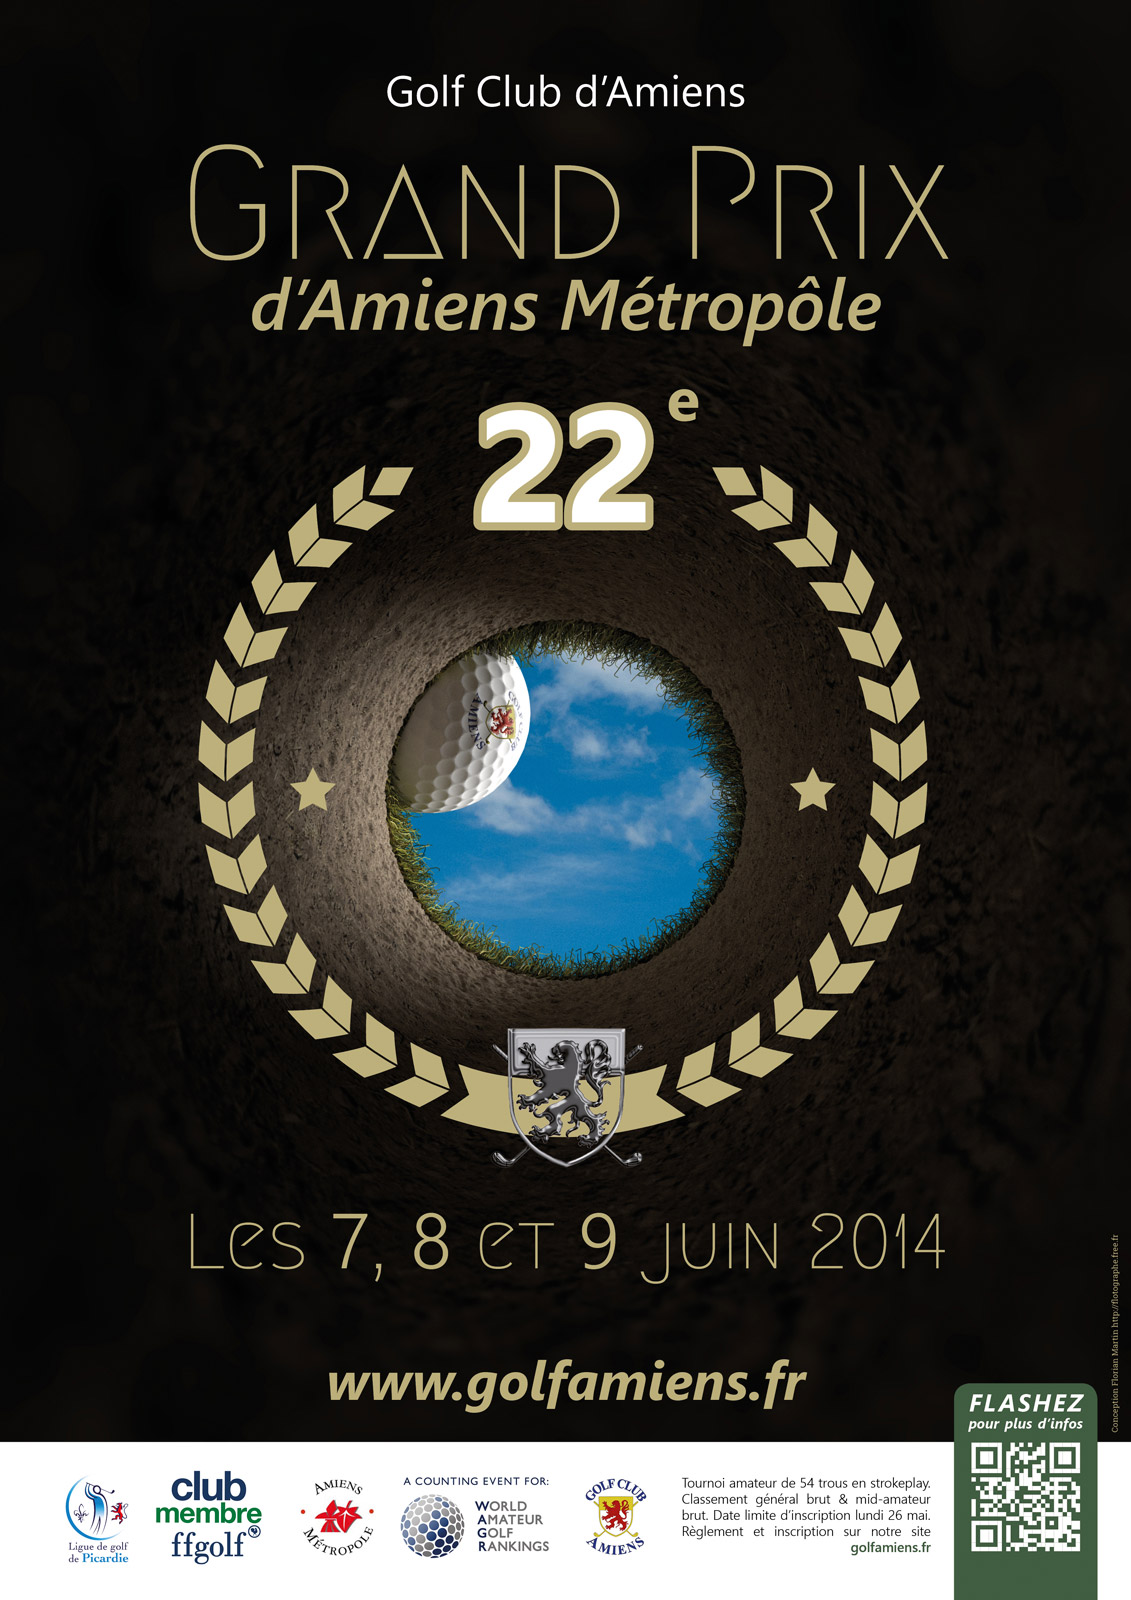 Glof-Club d'Amiens - charte graphique  5